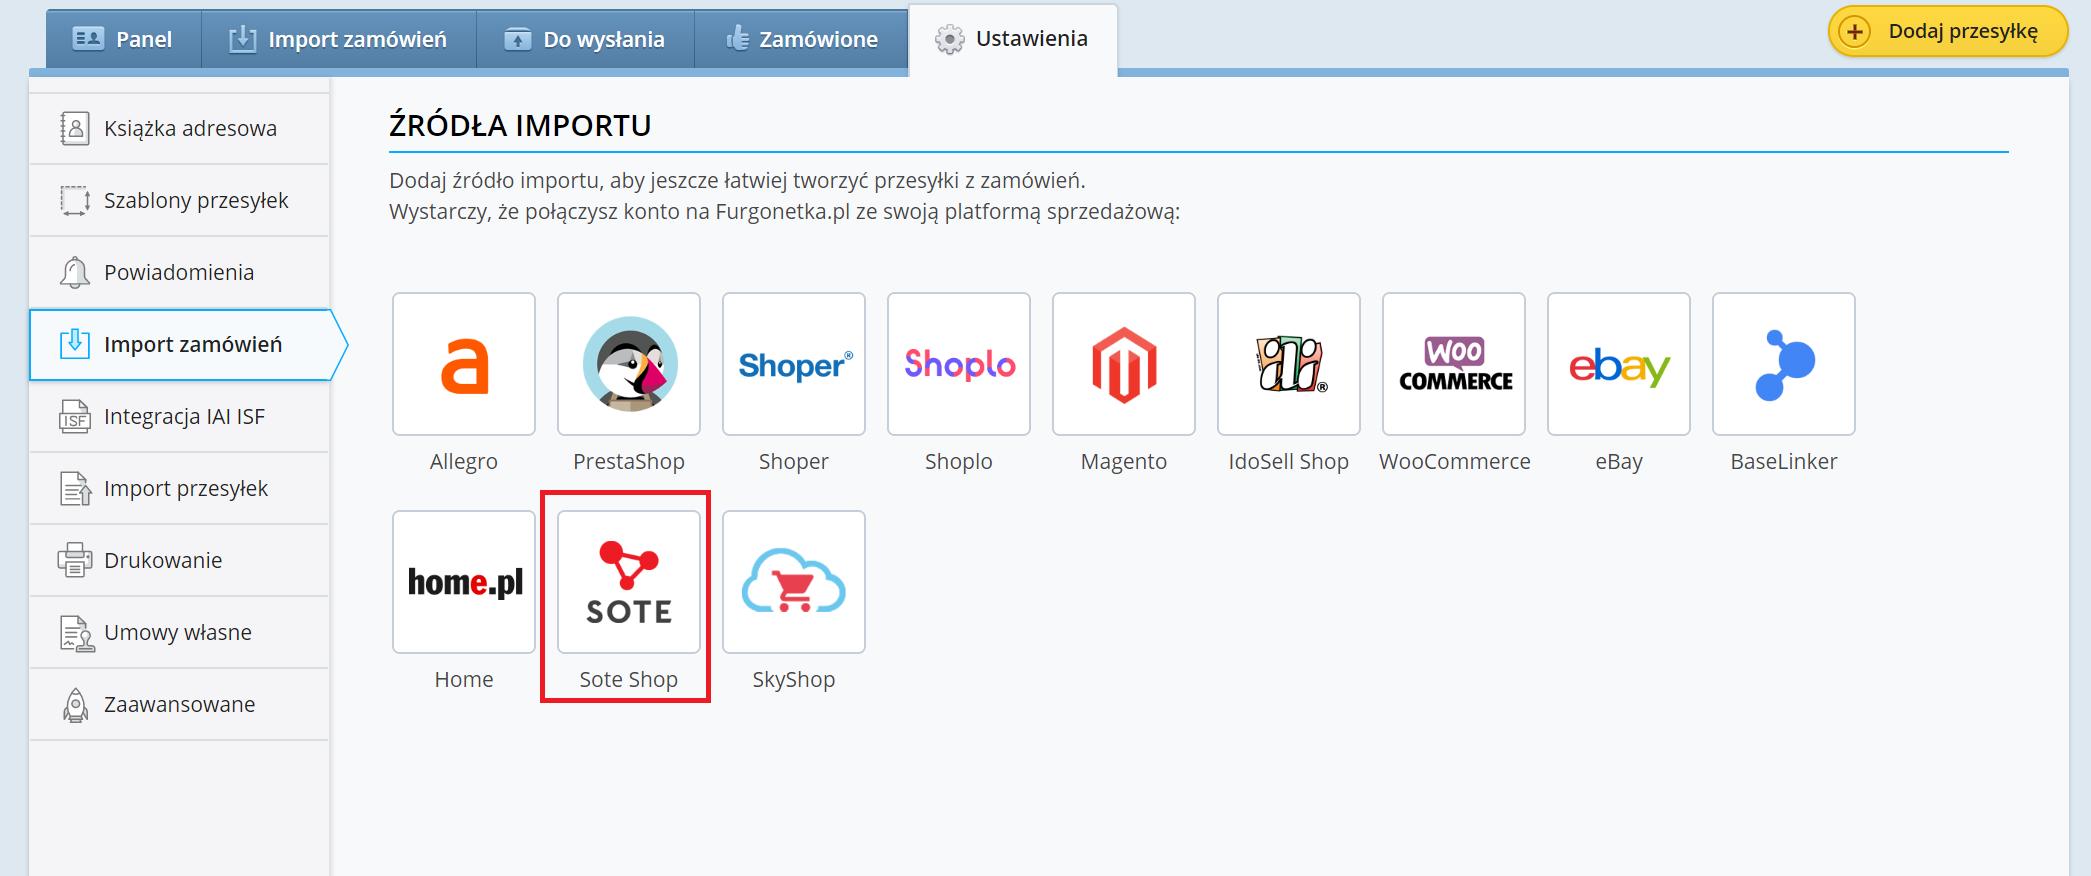 Jak dodać Sote Shop jako nowe źródło sprzedaży na Furgonetka.pl